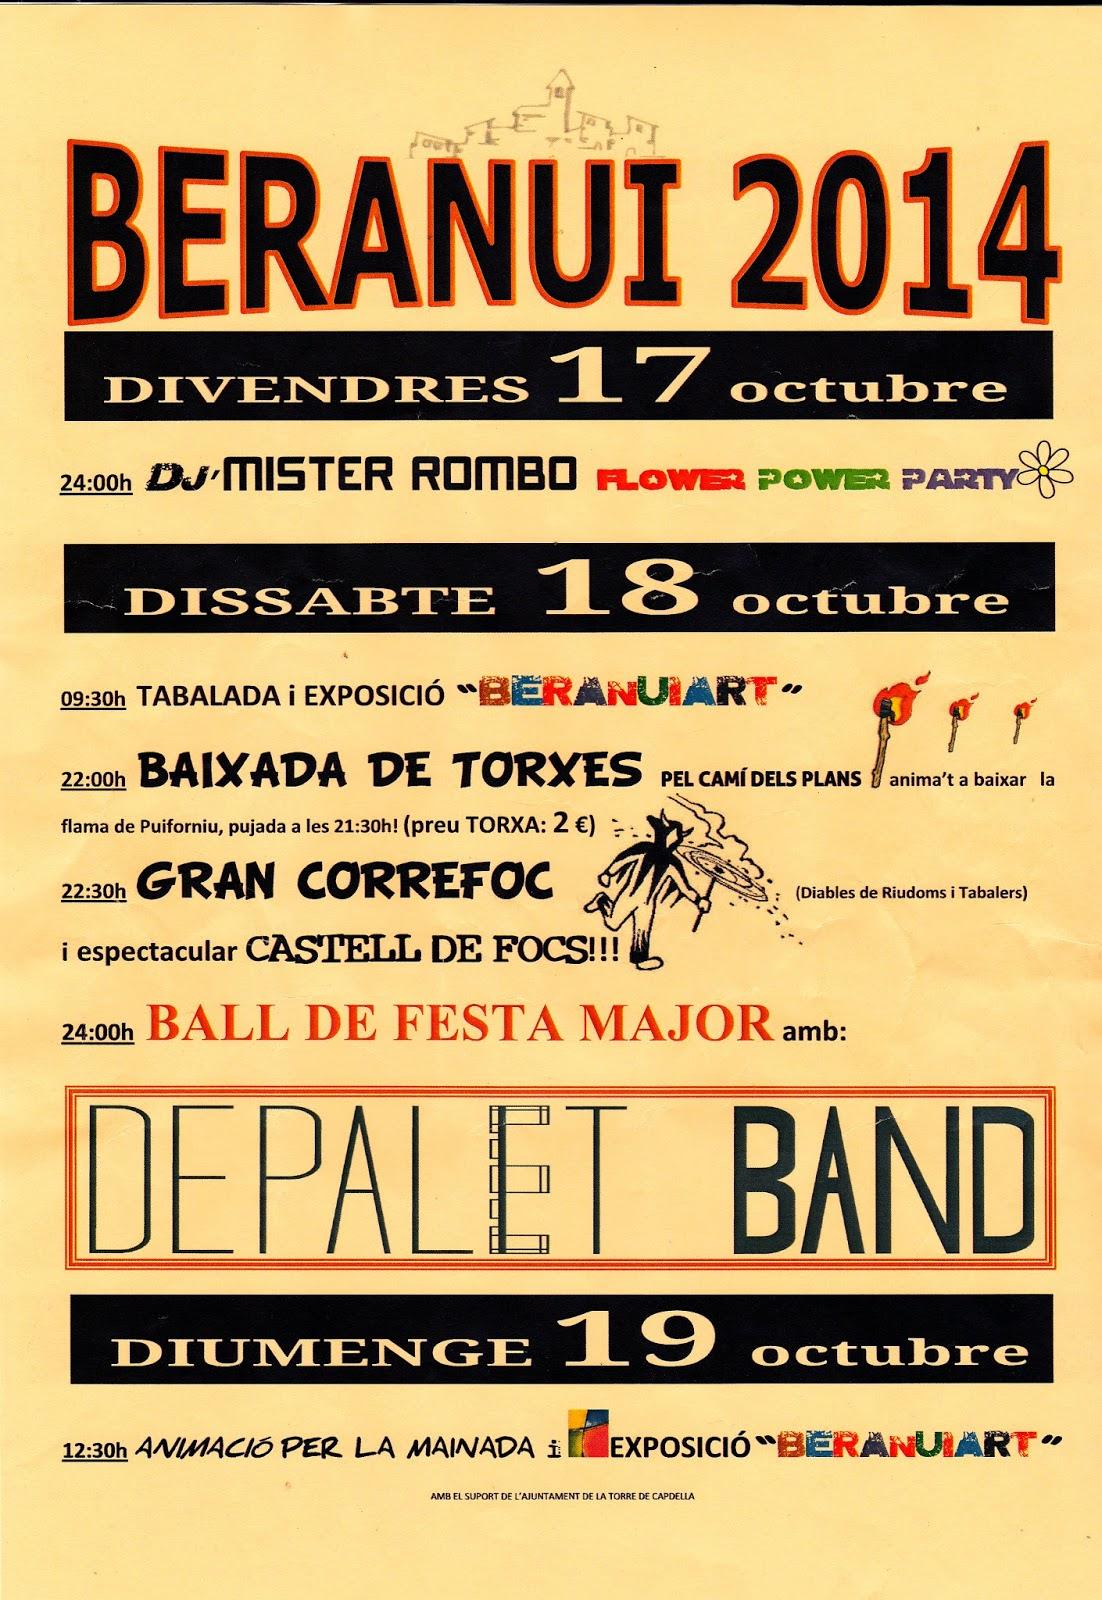 Festa Major Beranui 2014